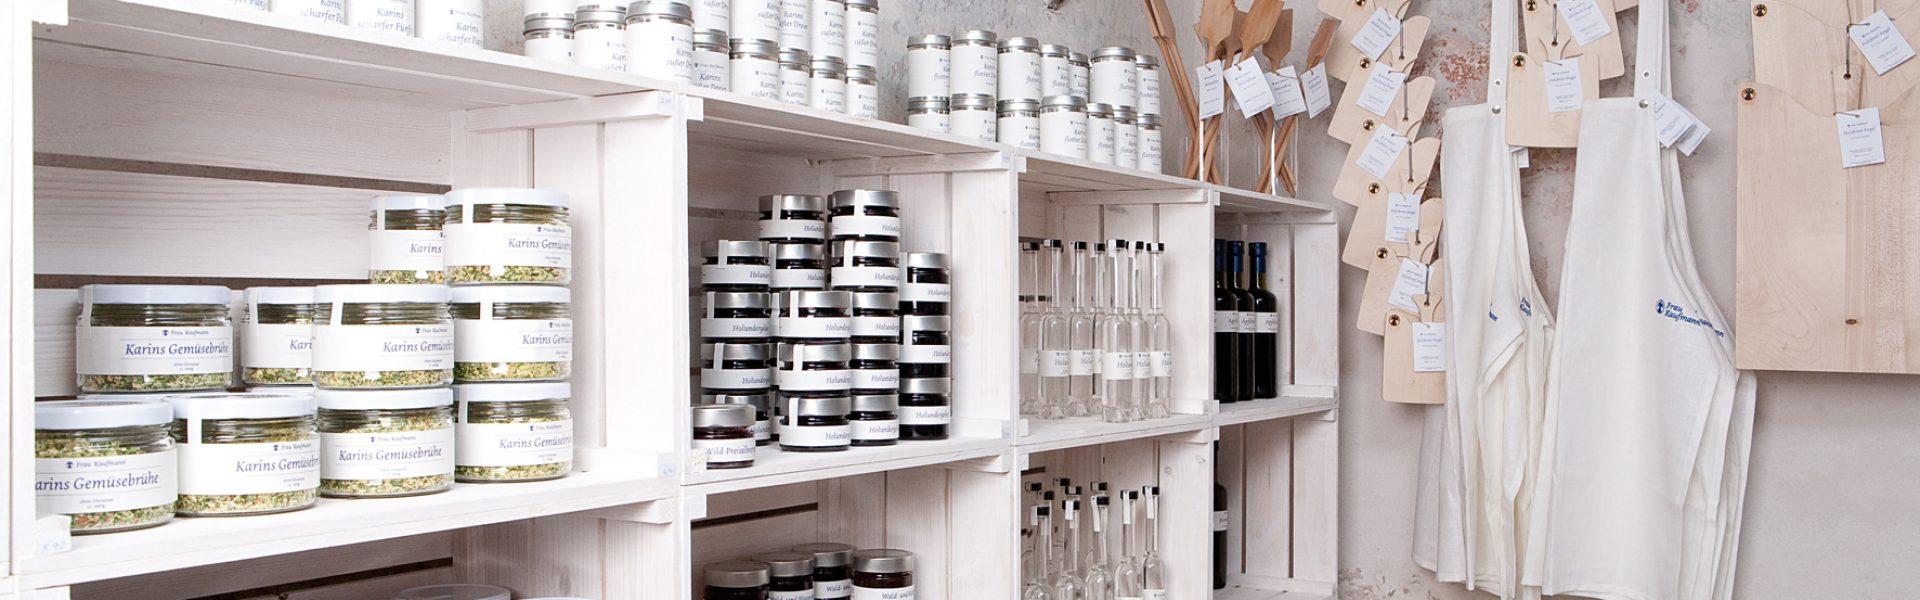 Laden mit Produkten von Frau Kaufmann, Egg © Roswitha Natter / super-bfg.com